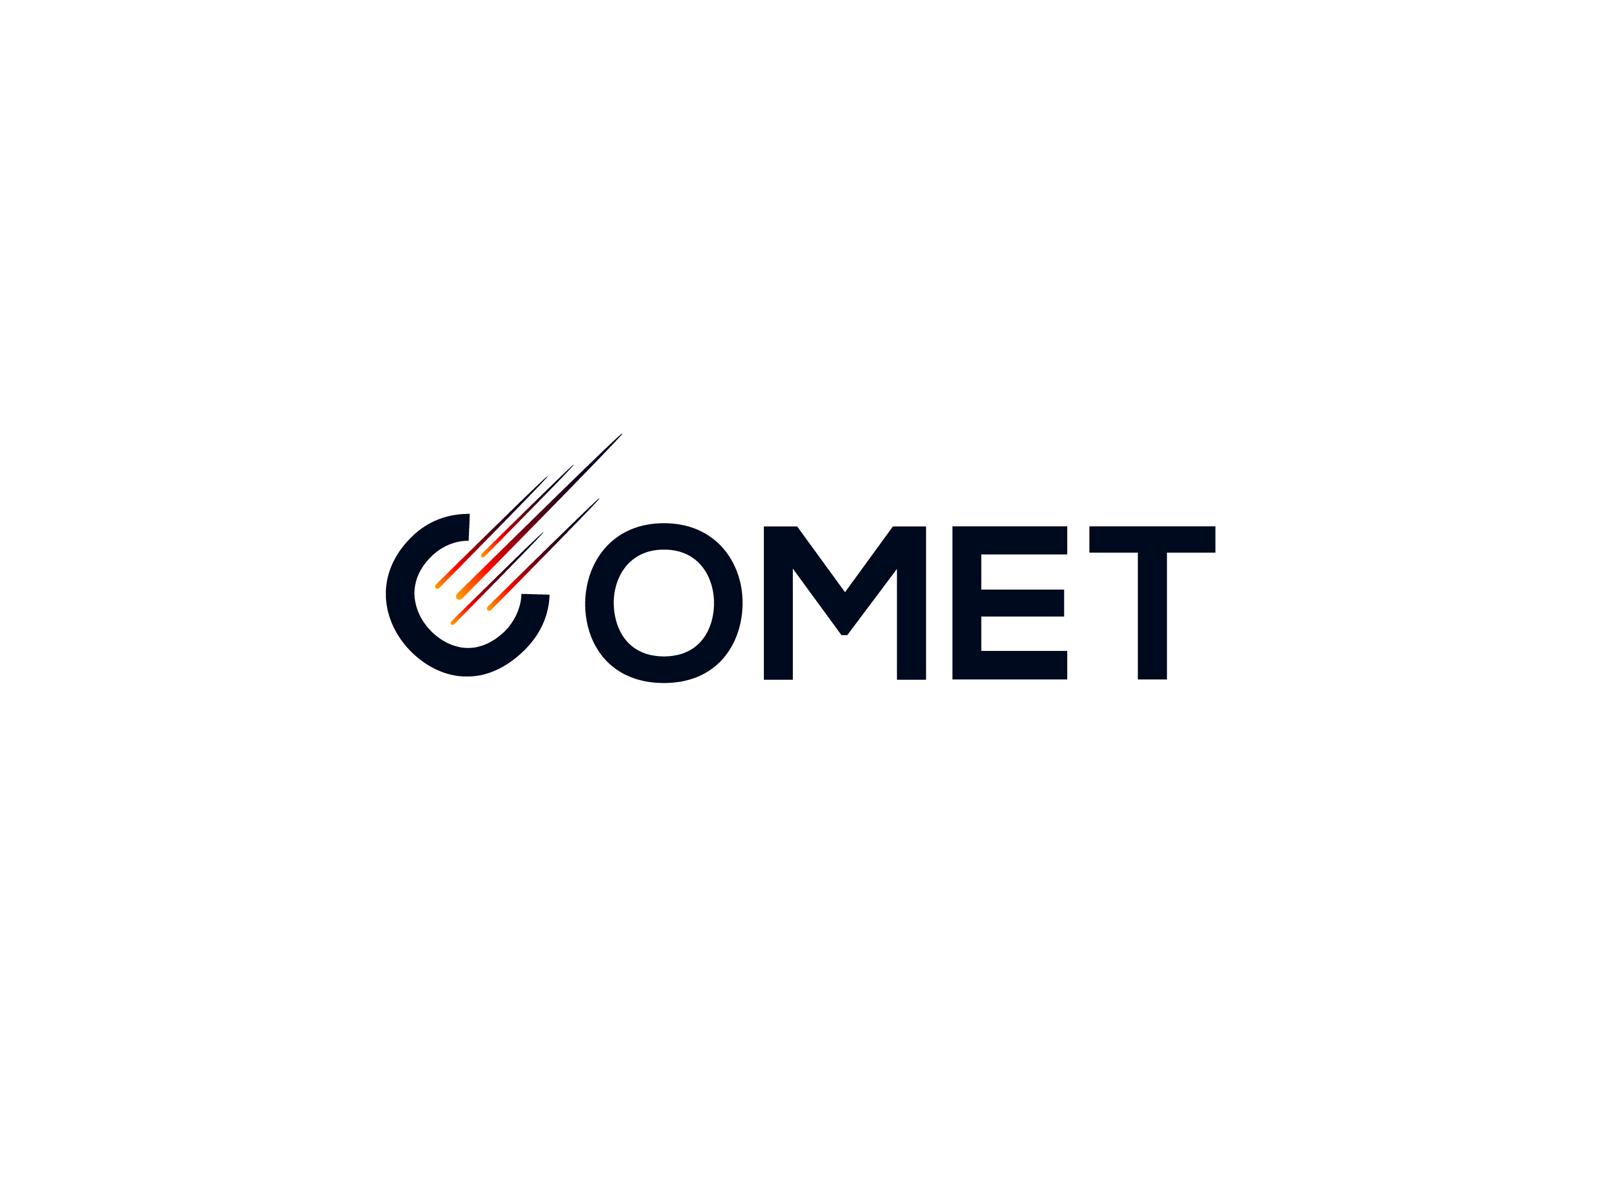 Comet logo by Tushar Saini on Dribbble.